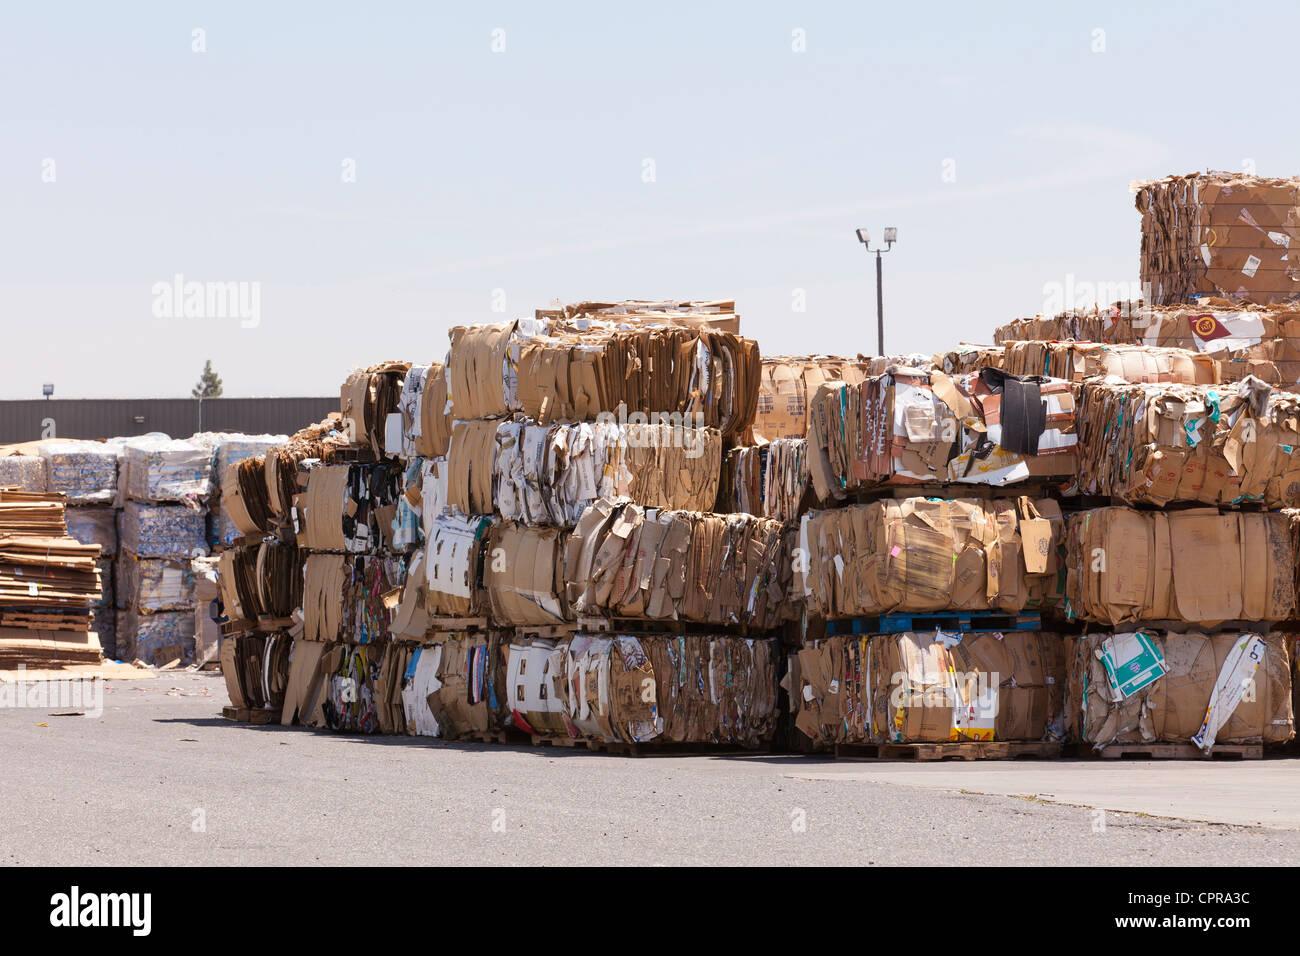 Ballen aus Pappe-Stacks in einer recycling-Anlage Stockbild